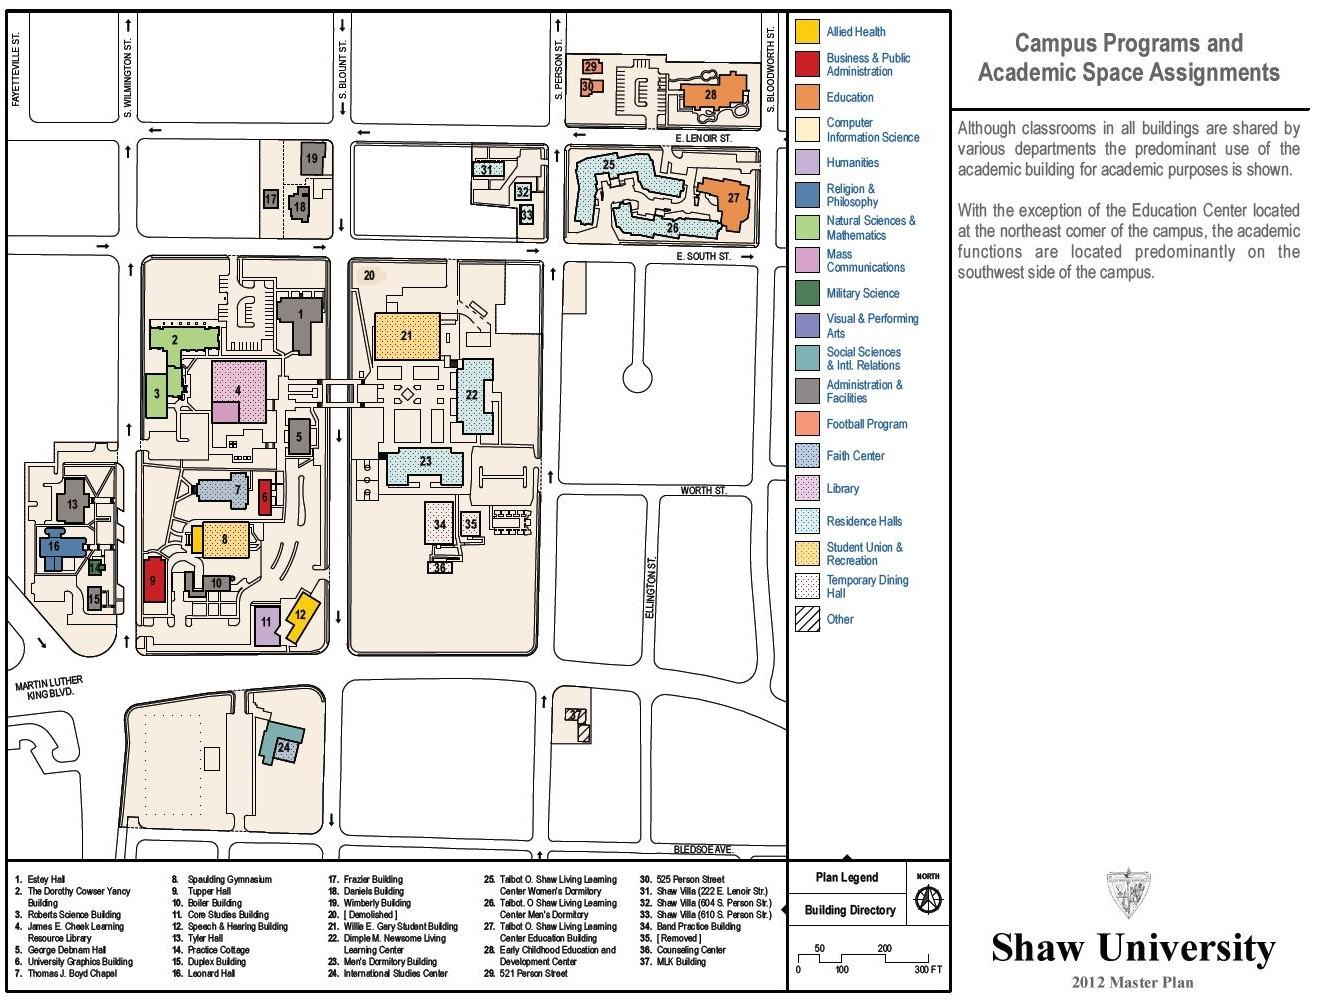 Shaw University Board of Trustees   Shaw University   Acalog ACMS™